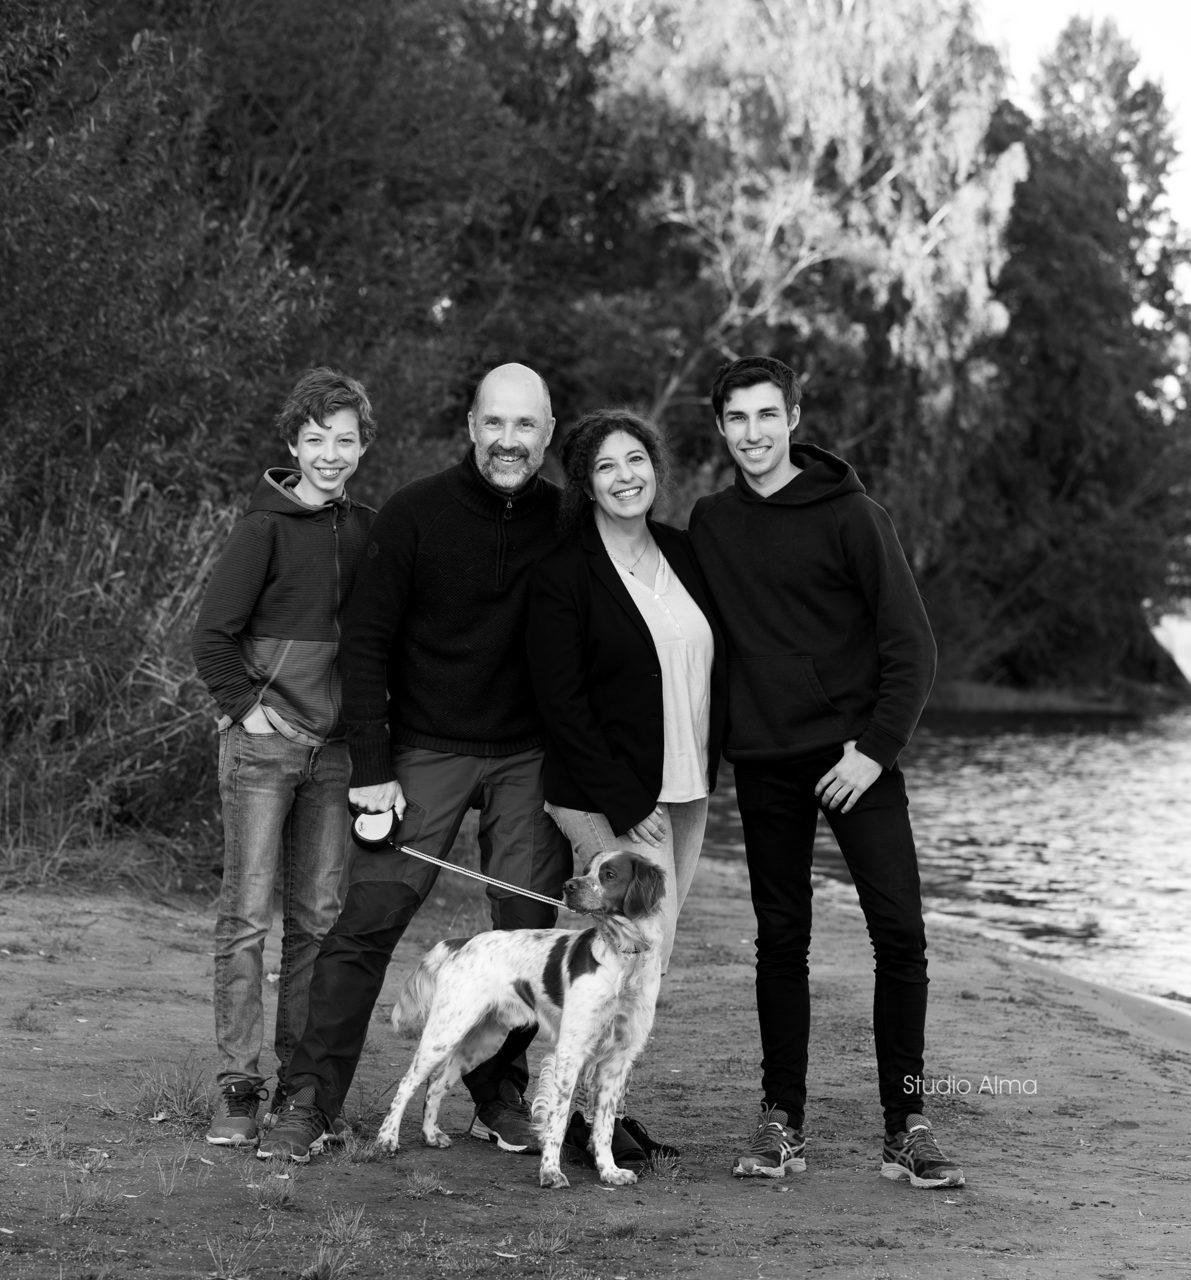 familie-utefotografering-studioalma